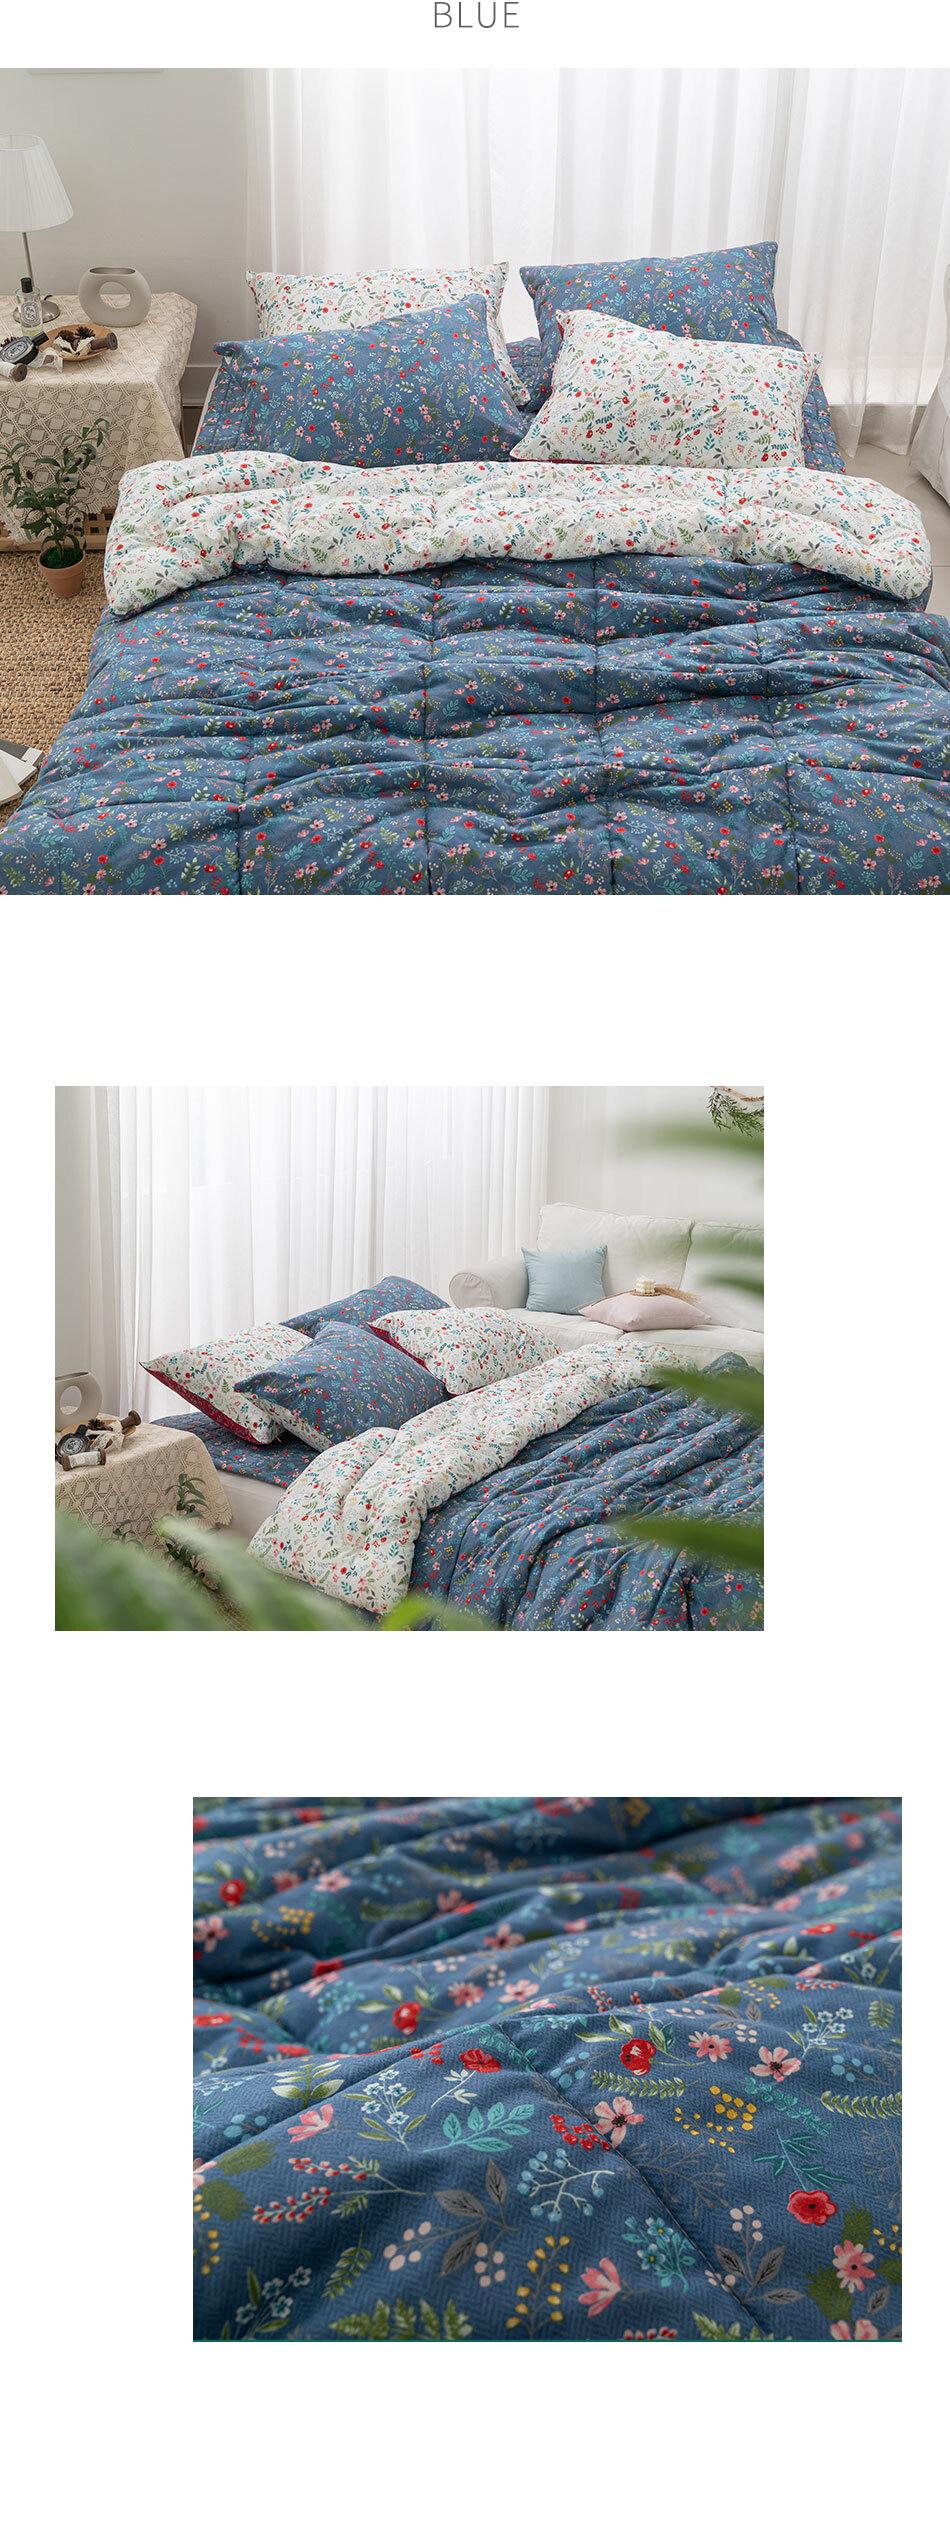 agatha_bed_blue_01.jpg